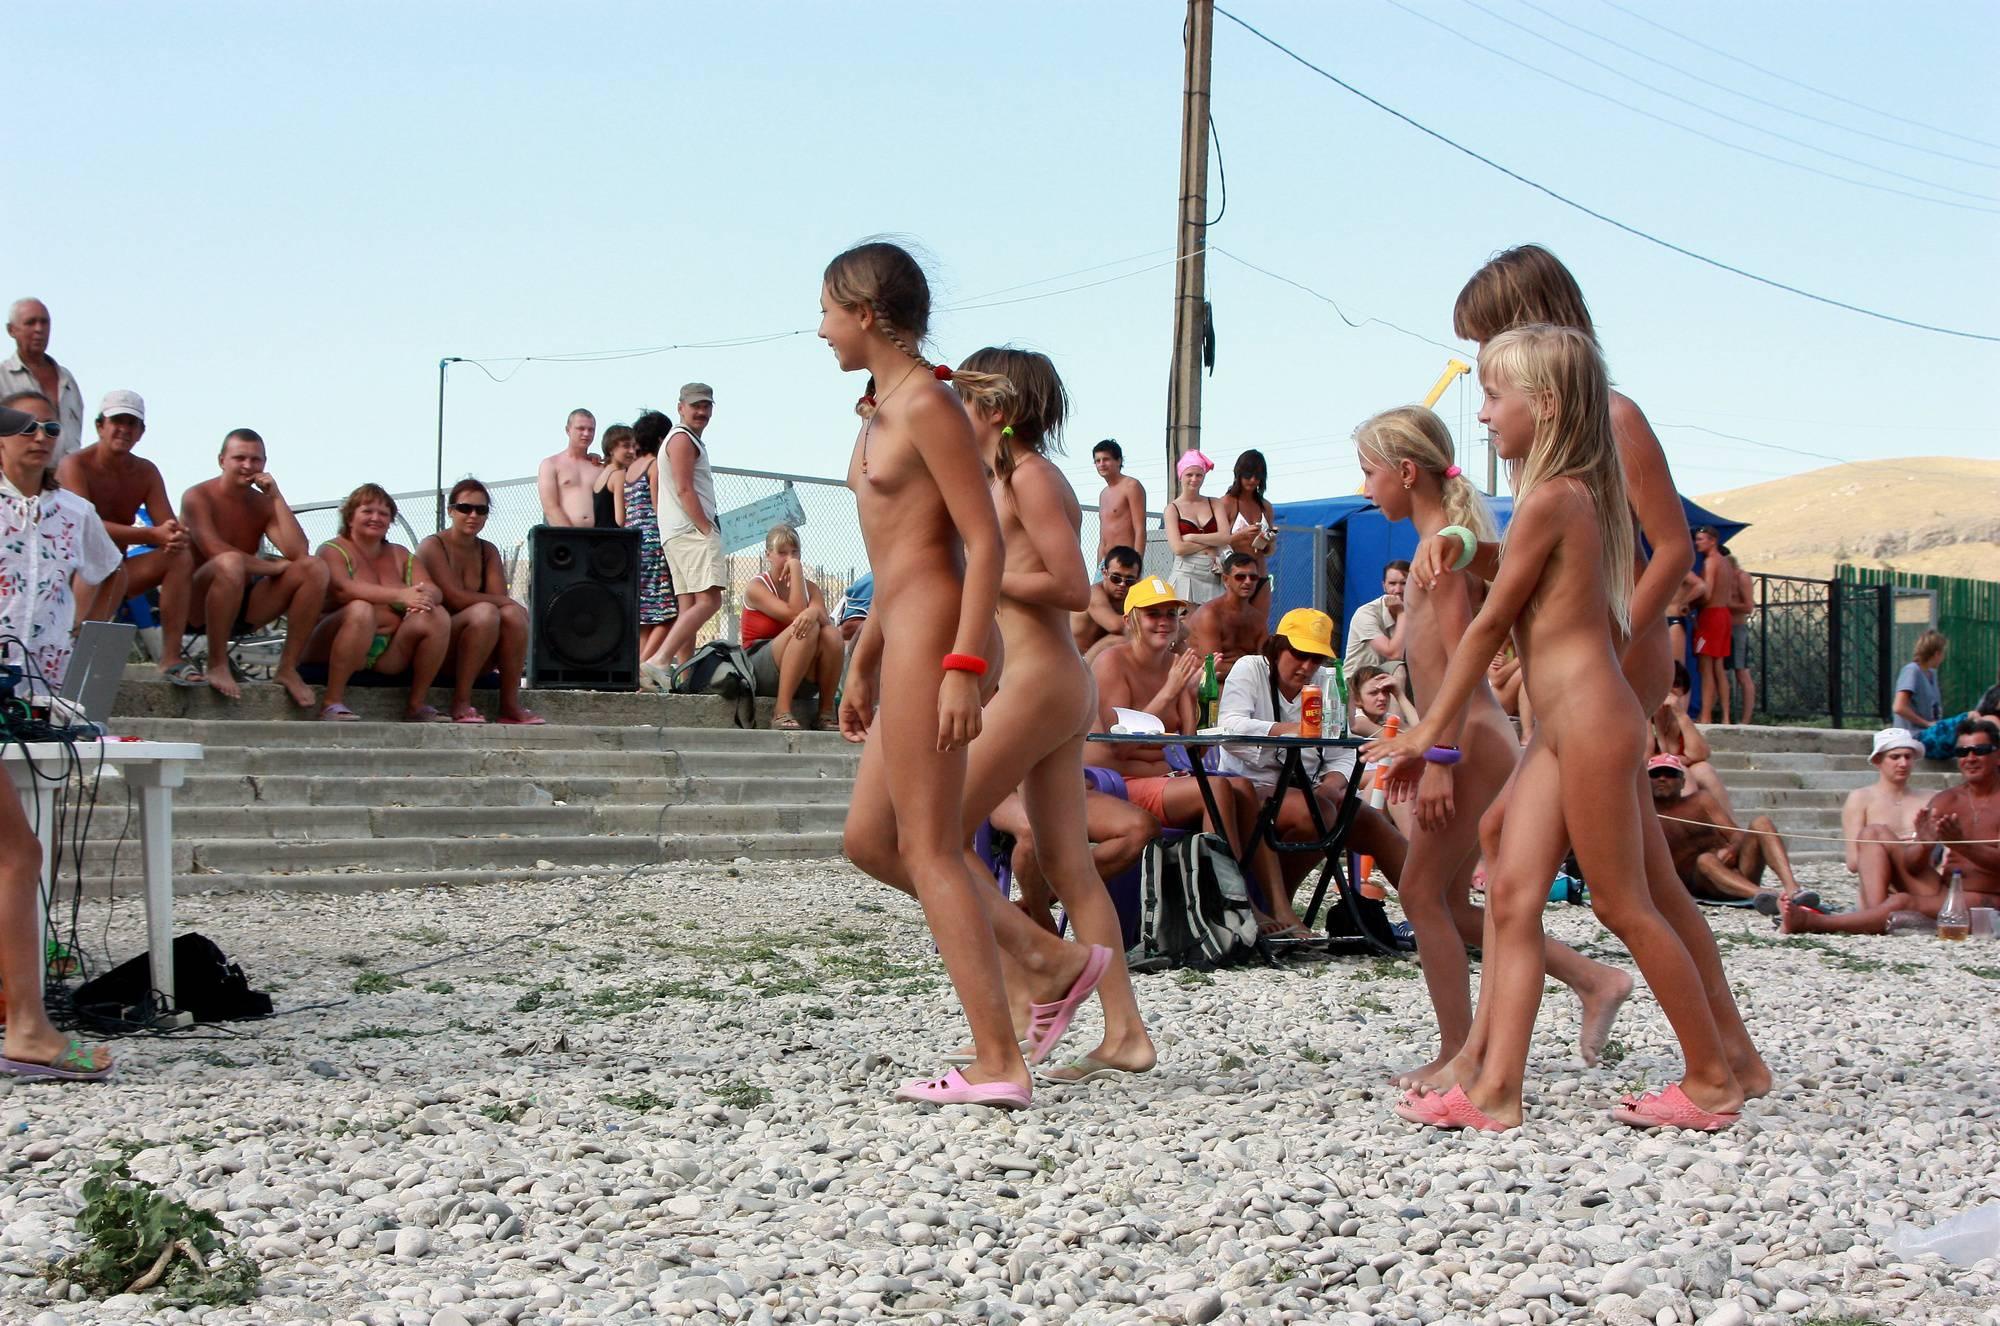 Nudist Photos Nude Contestant Walk-Off - 1